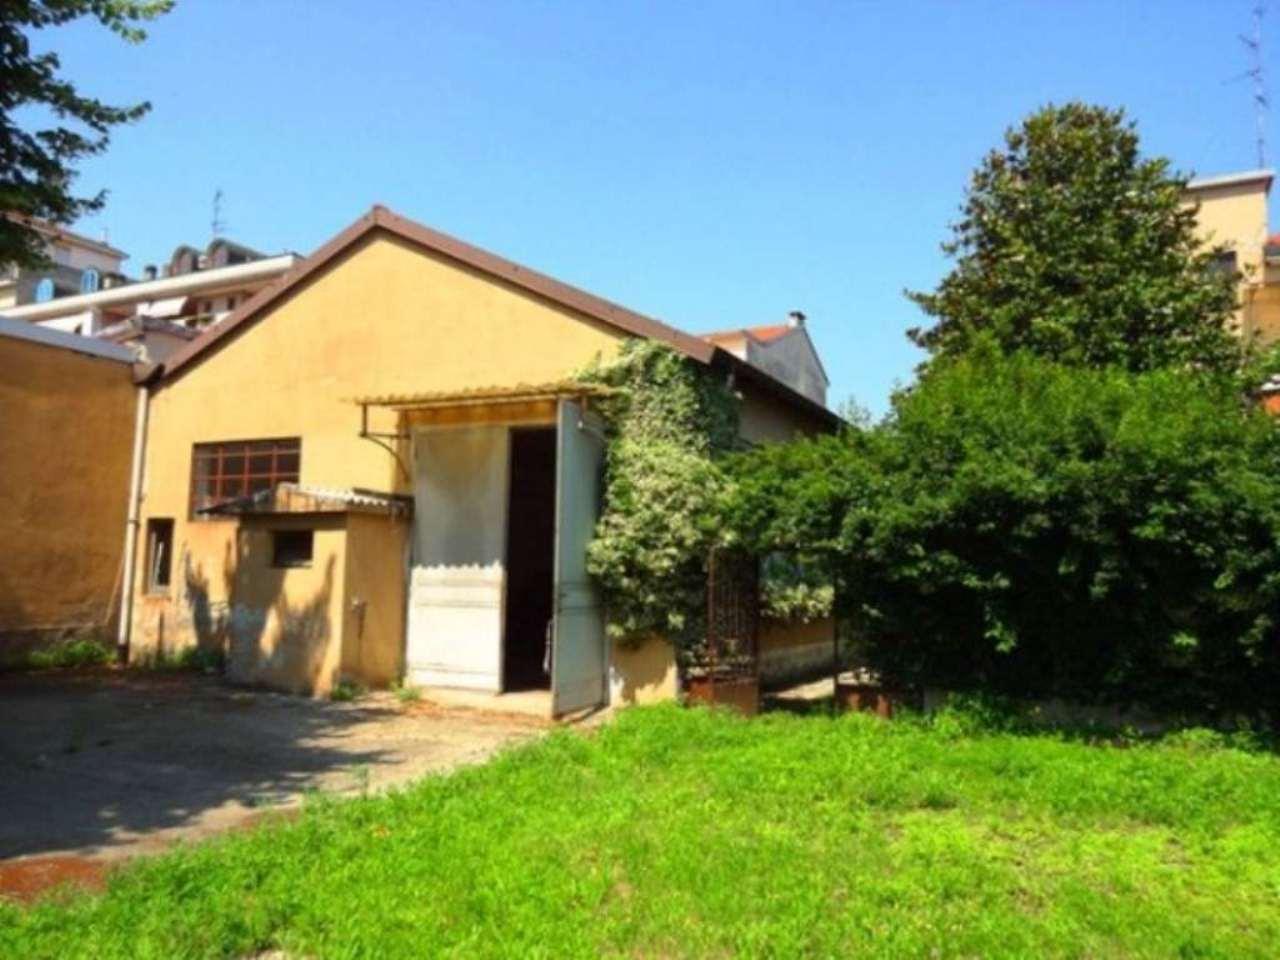 Terreno residenziale in Vendita a Milano 20 Bicocca / Crescenzago / Cimiano: 1450 mq